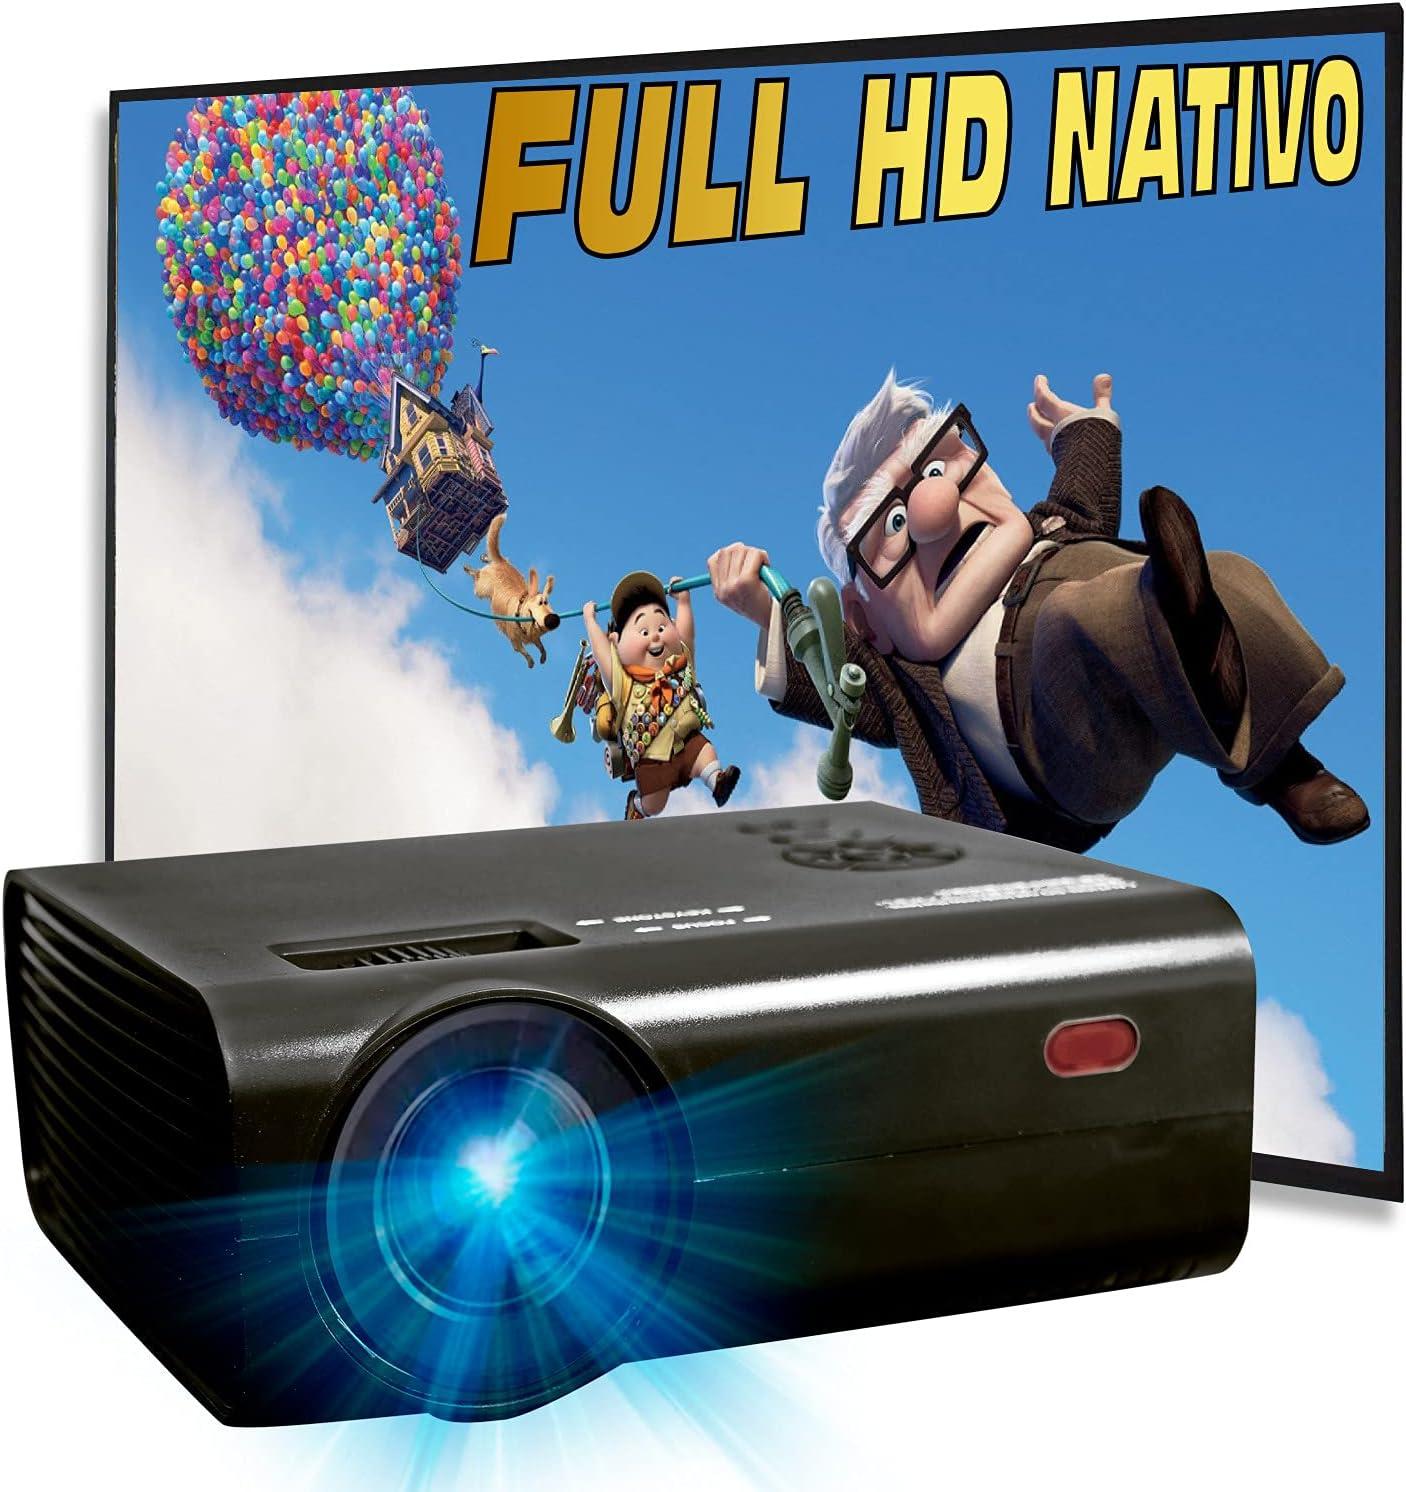 Proyector 1080p Nativo, Silencioso, 6.000 Lúmenes,Contraste 10.000:1,Fullhd Nativo, Cine en Casa 100